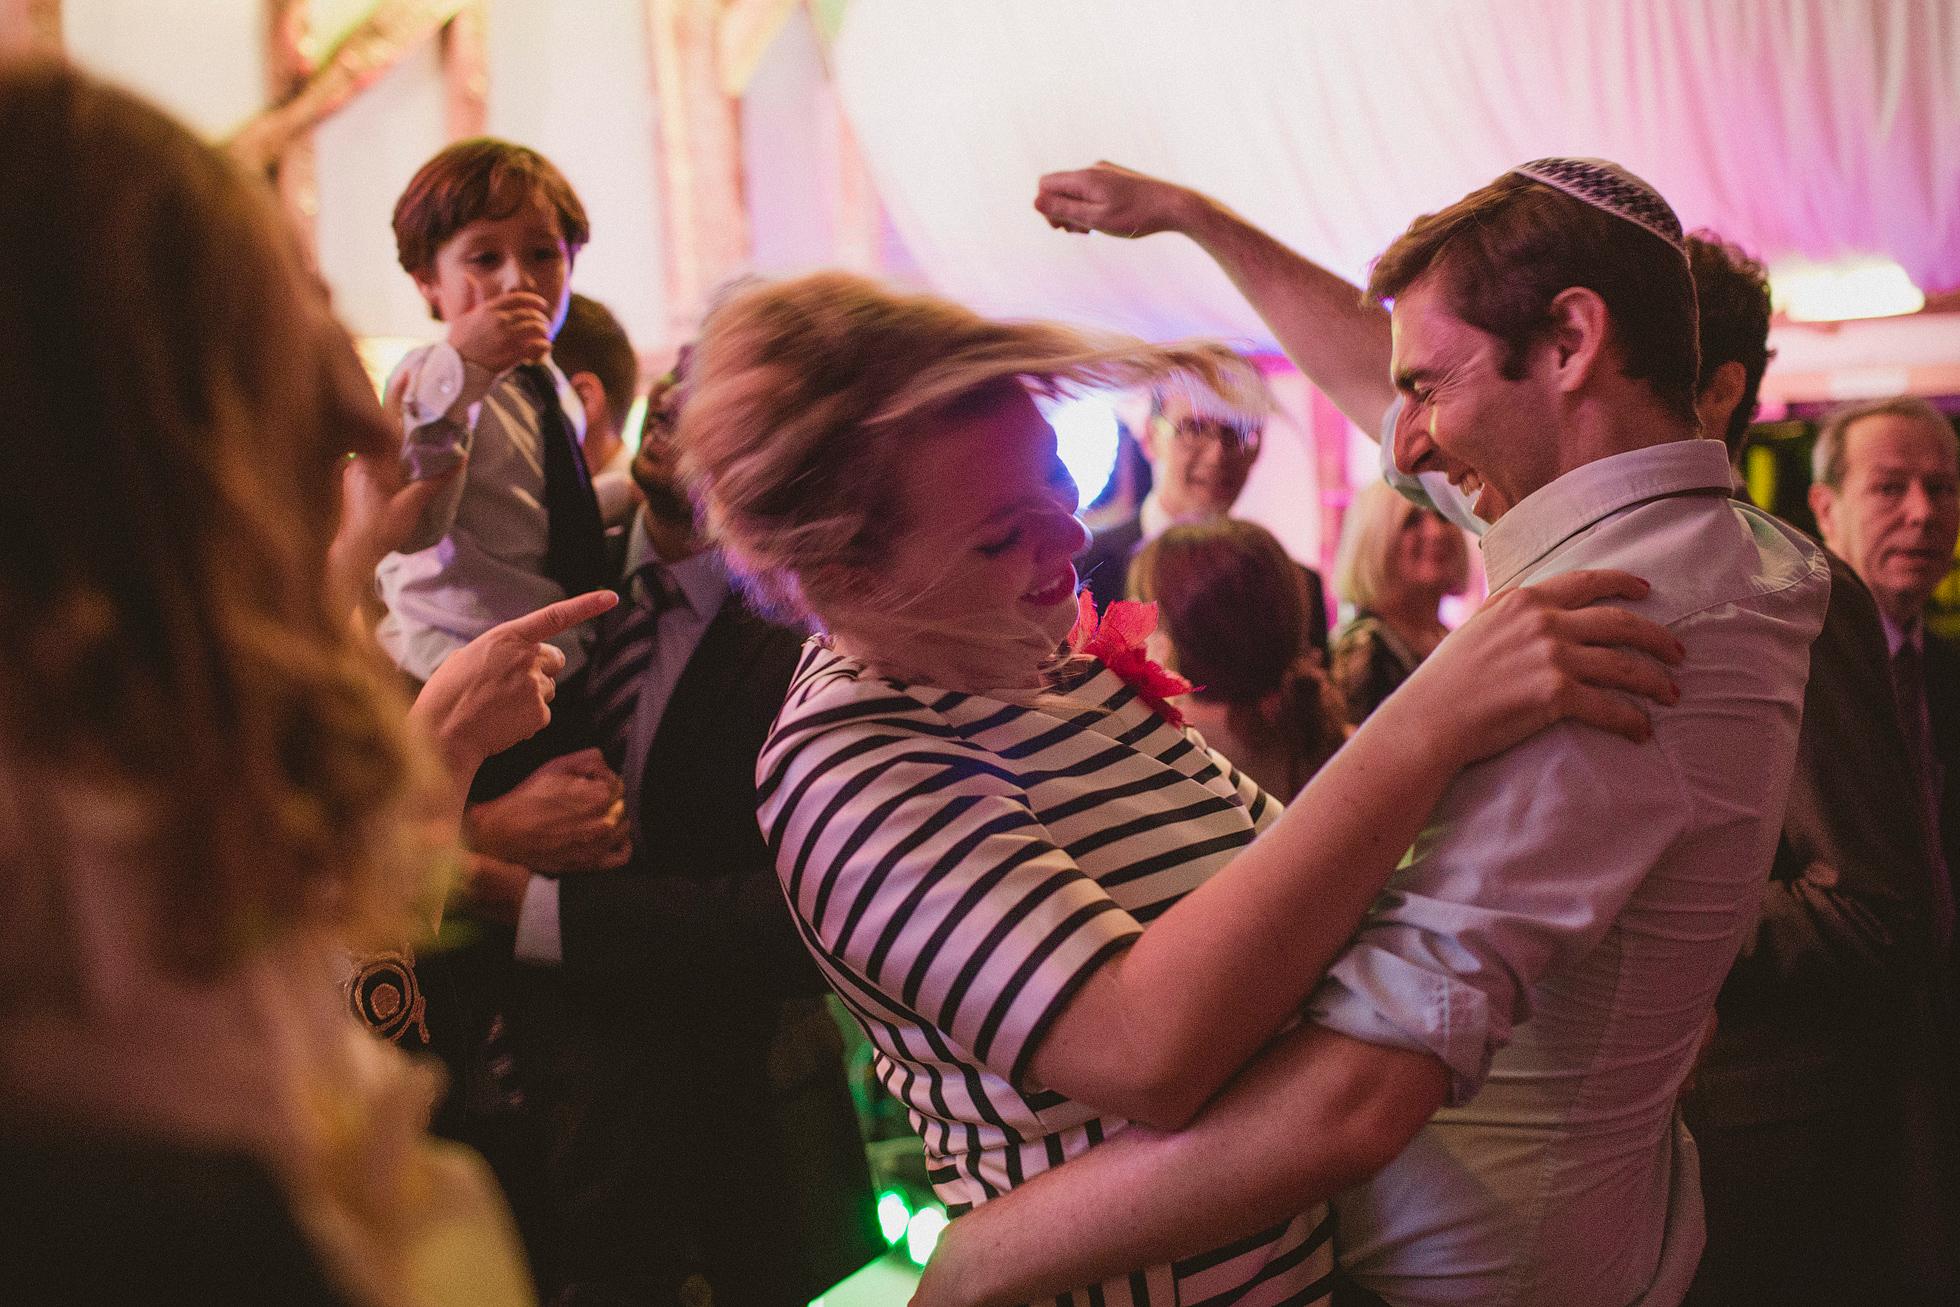 South Farm wedding dance photographs